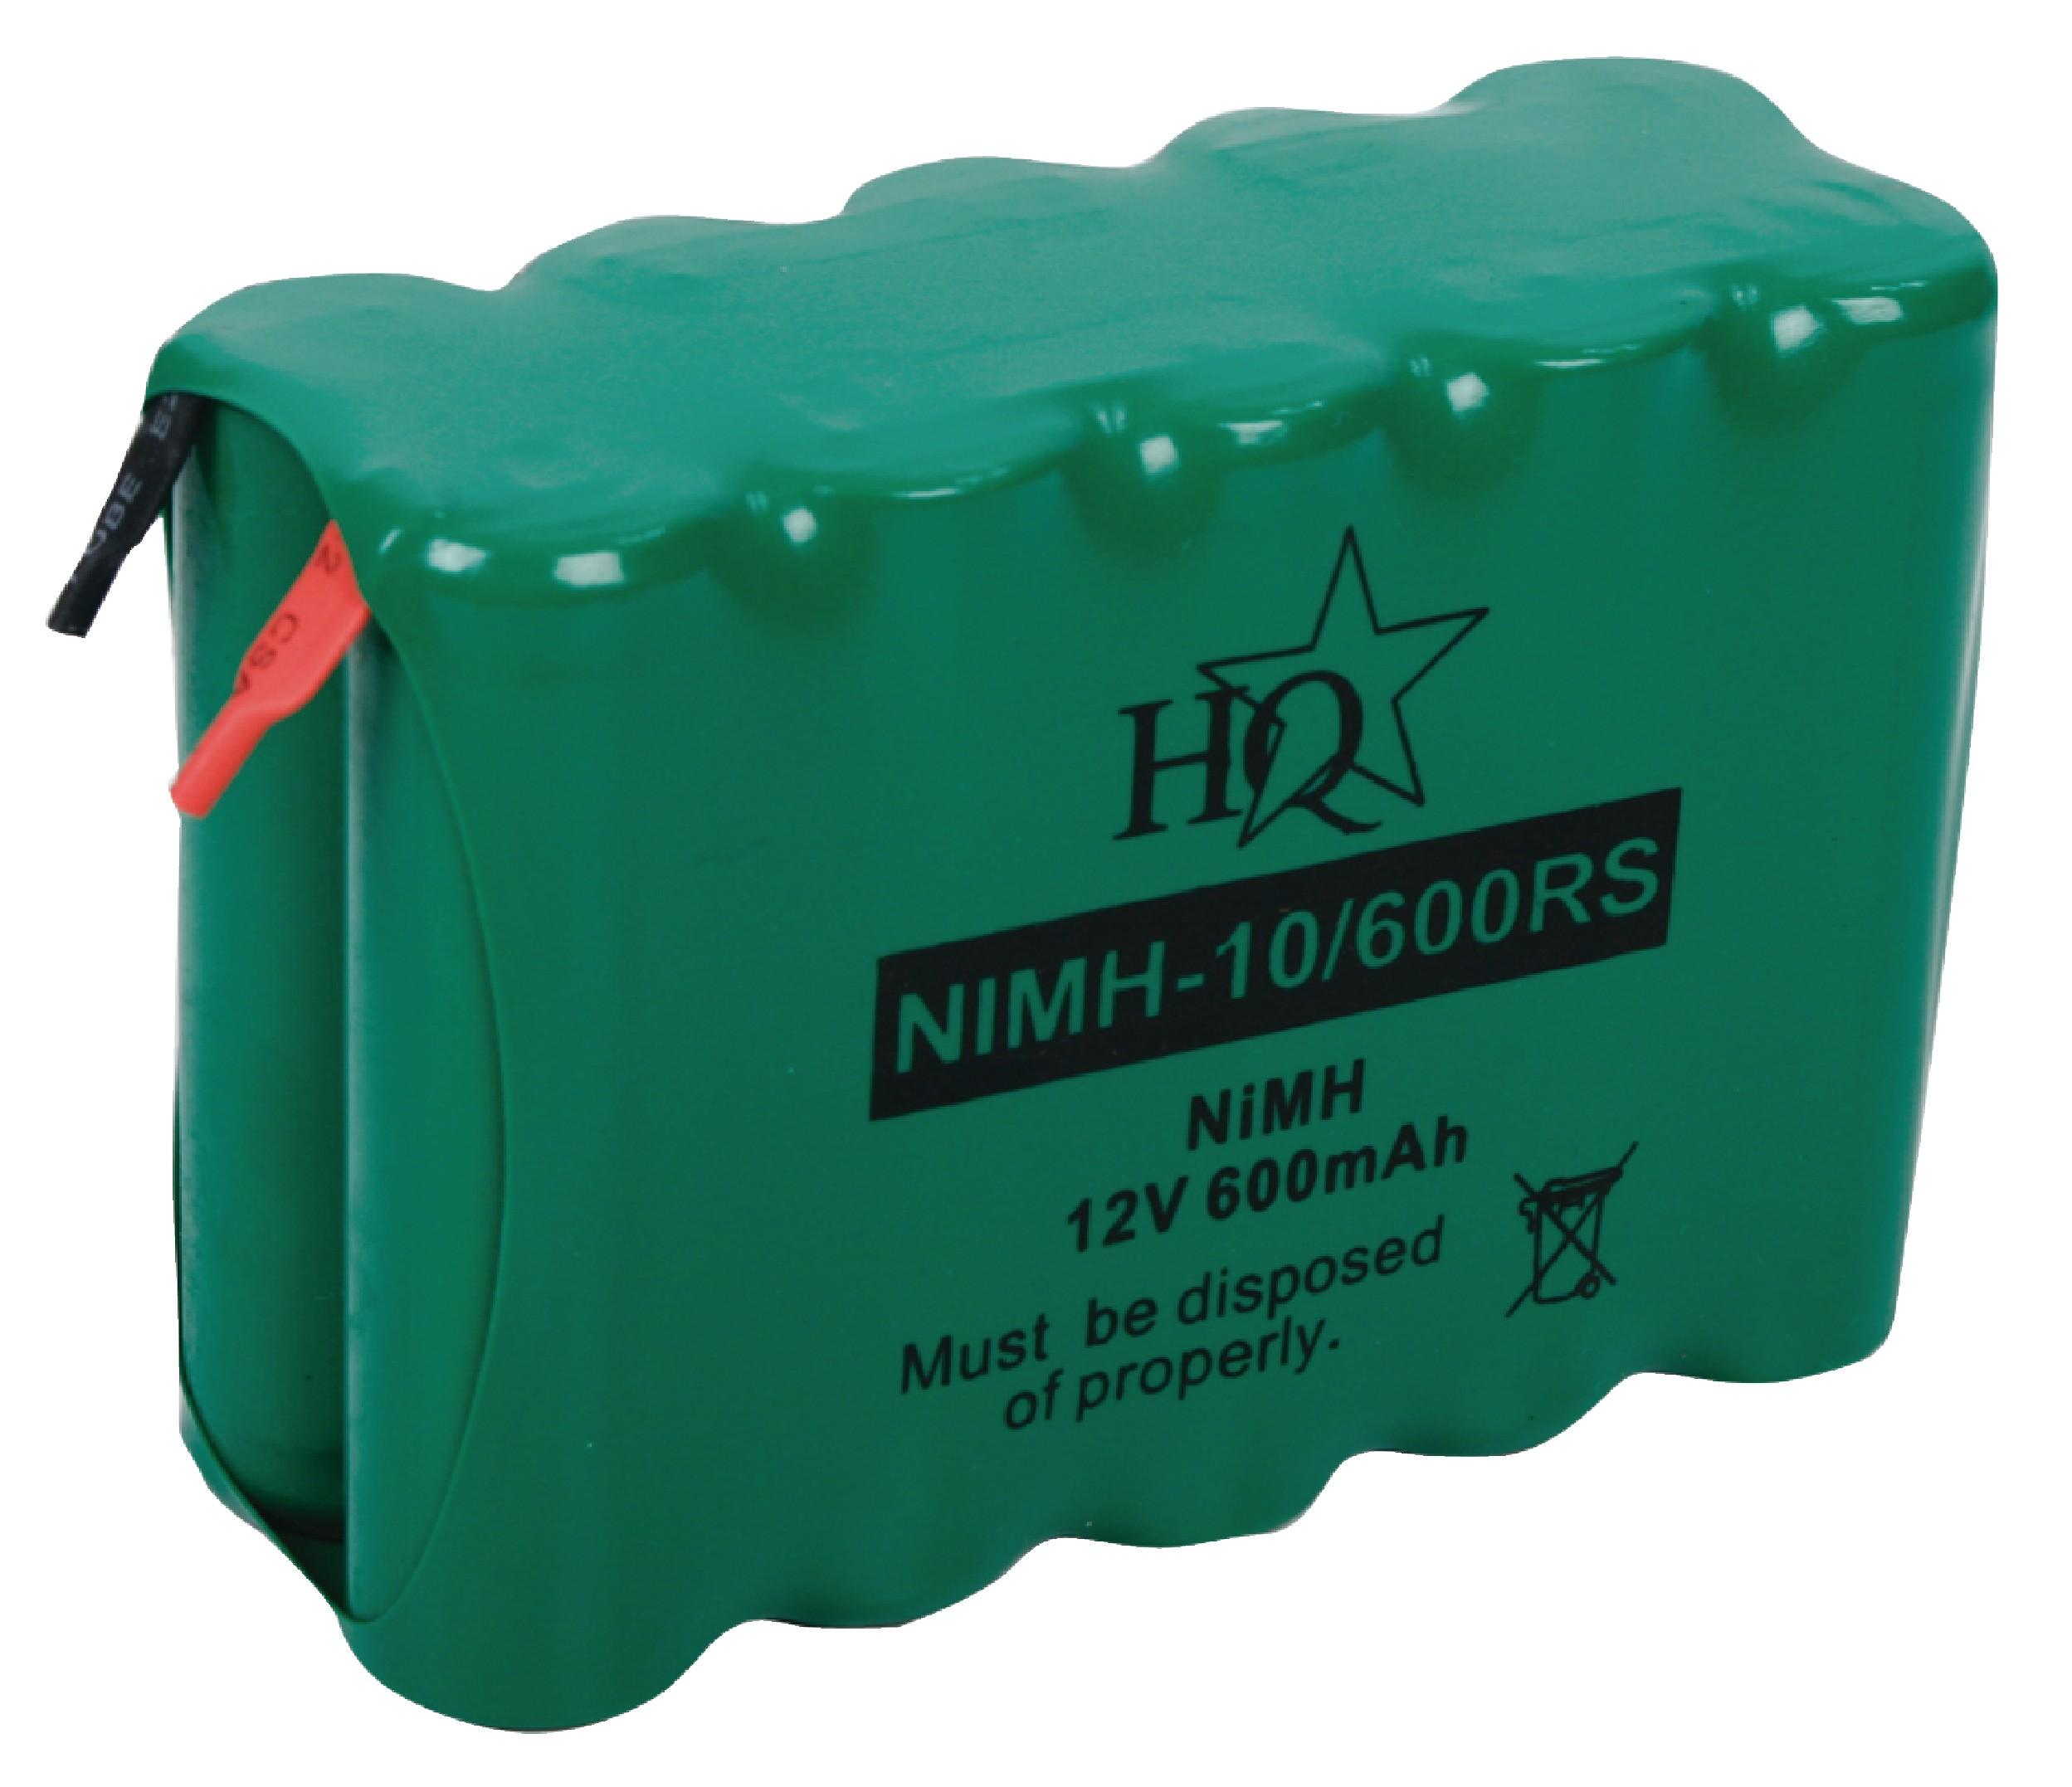 Akumulátor NiMH 12V/600mAh, NIMH-10/600RS